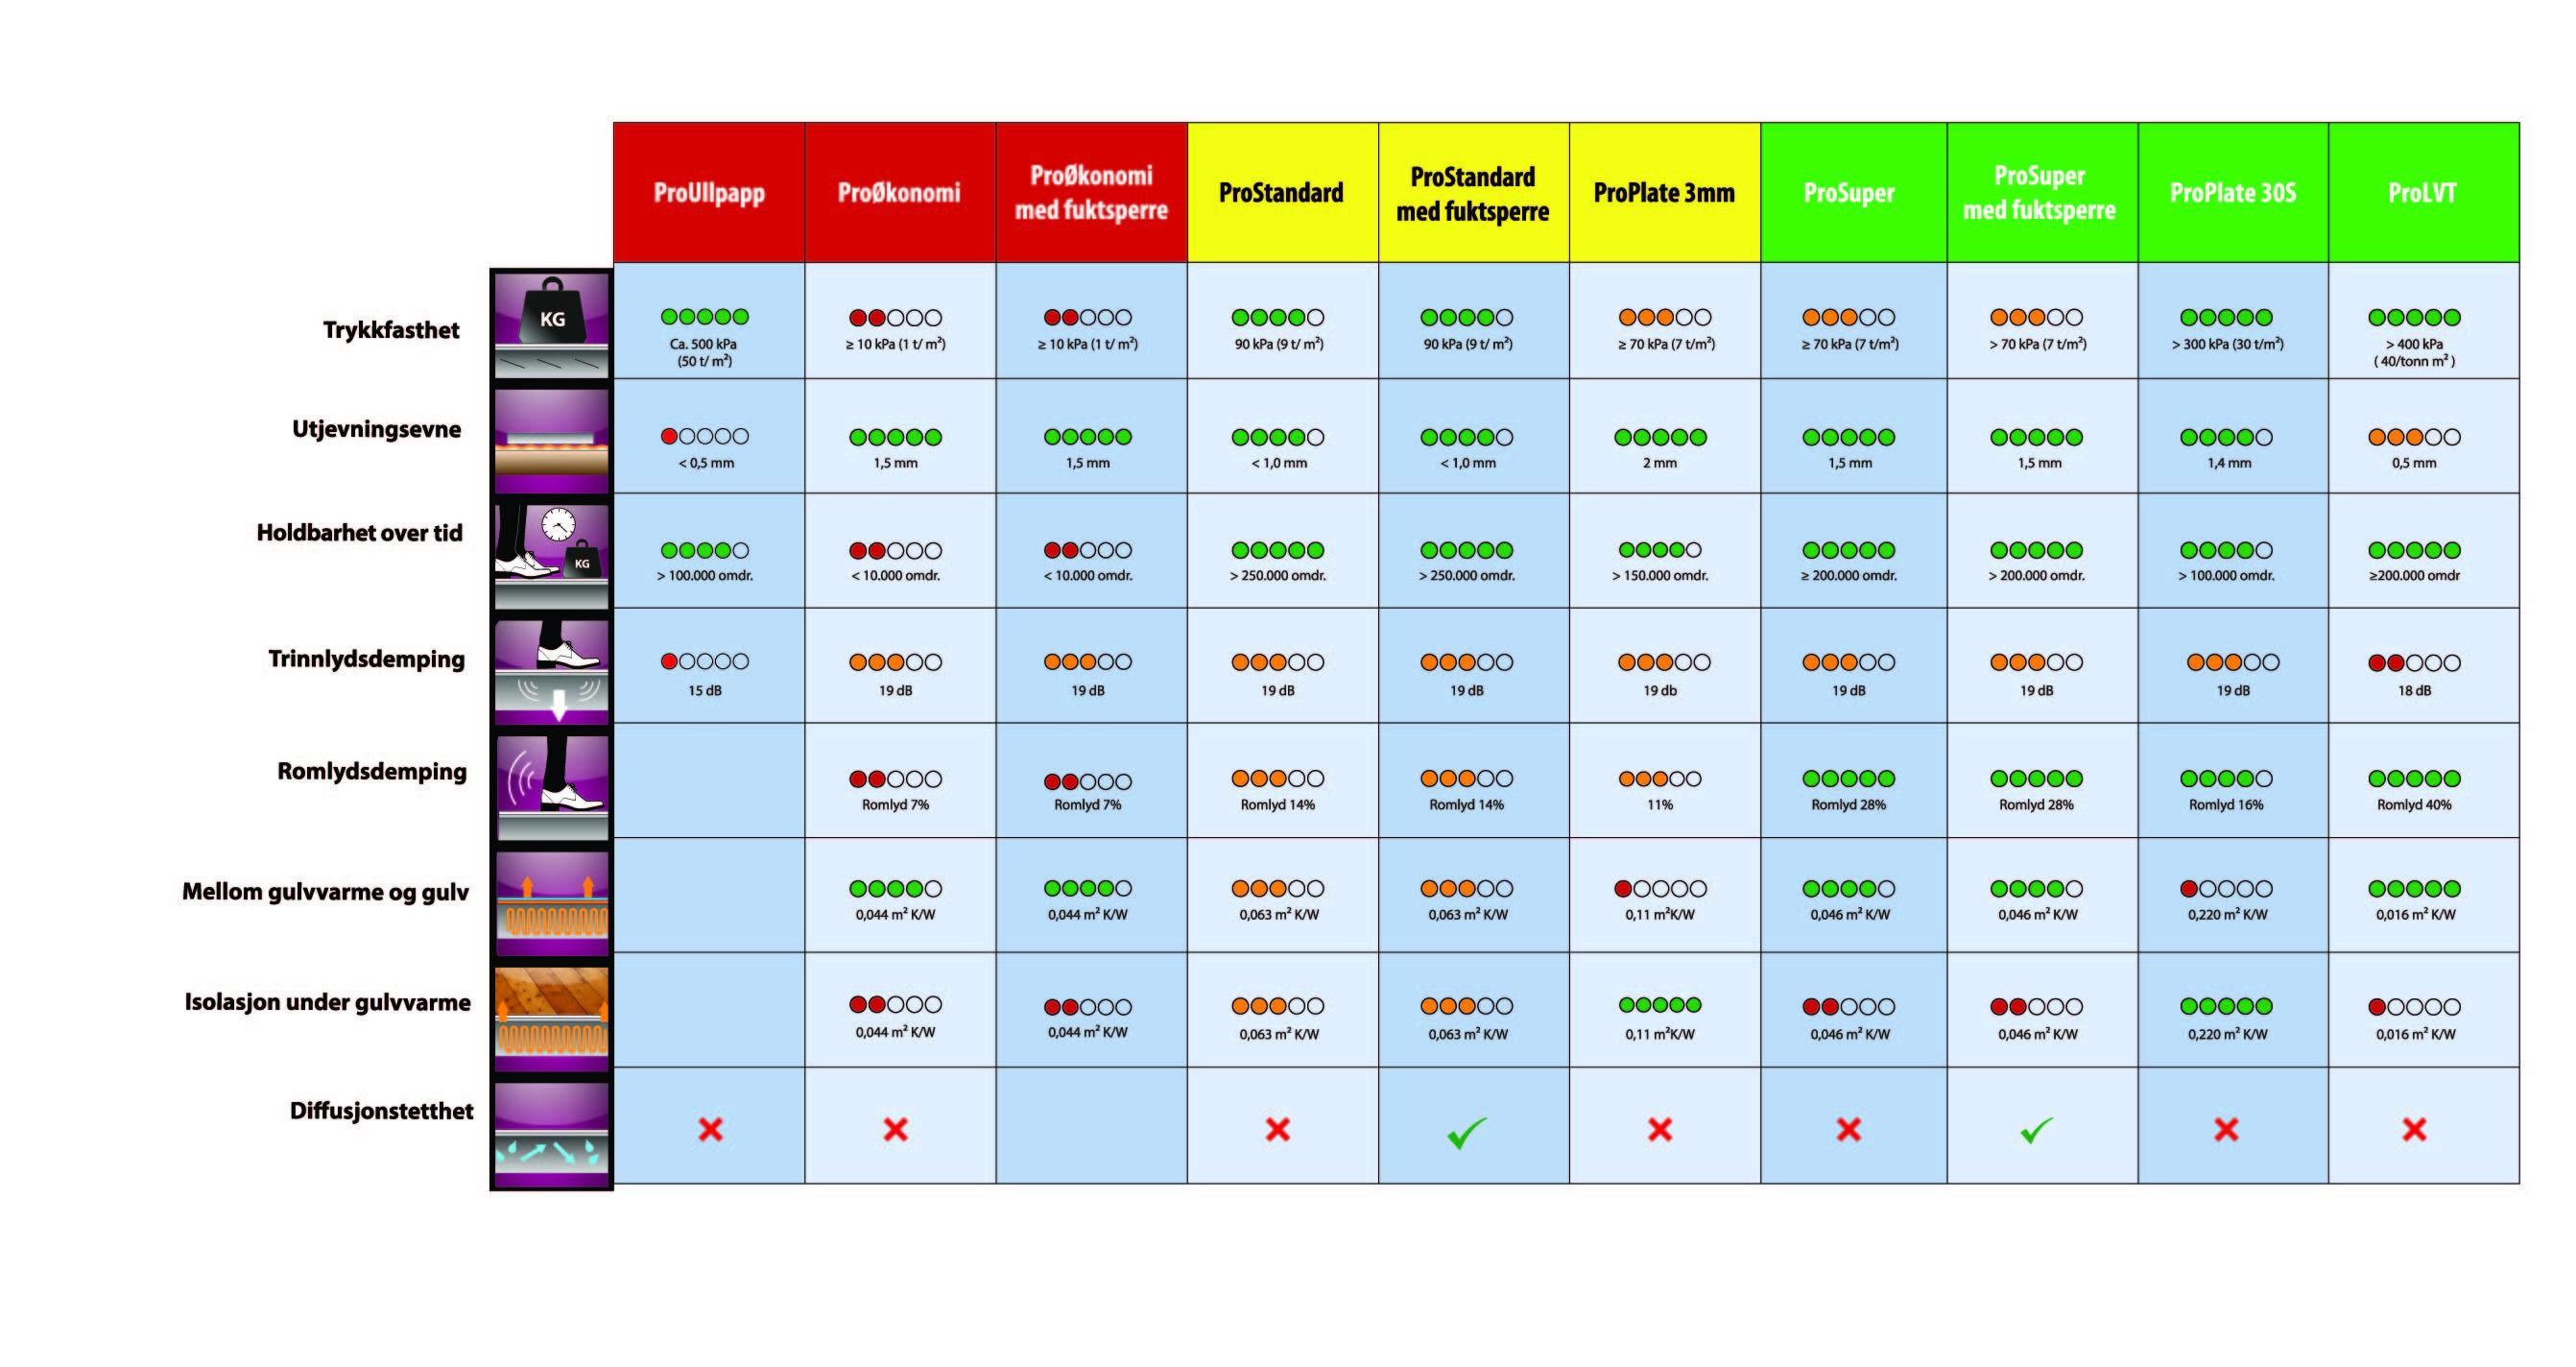 ProFag - Underlag tabell